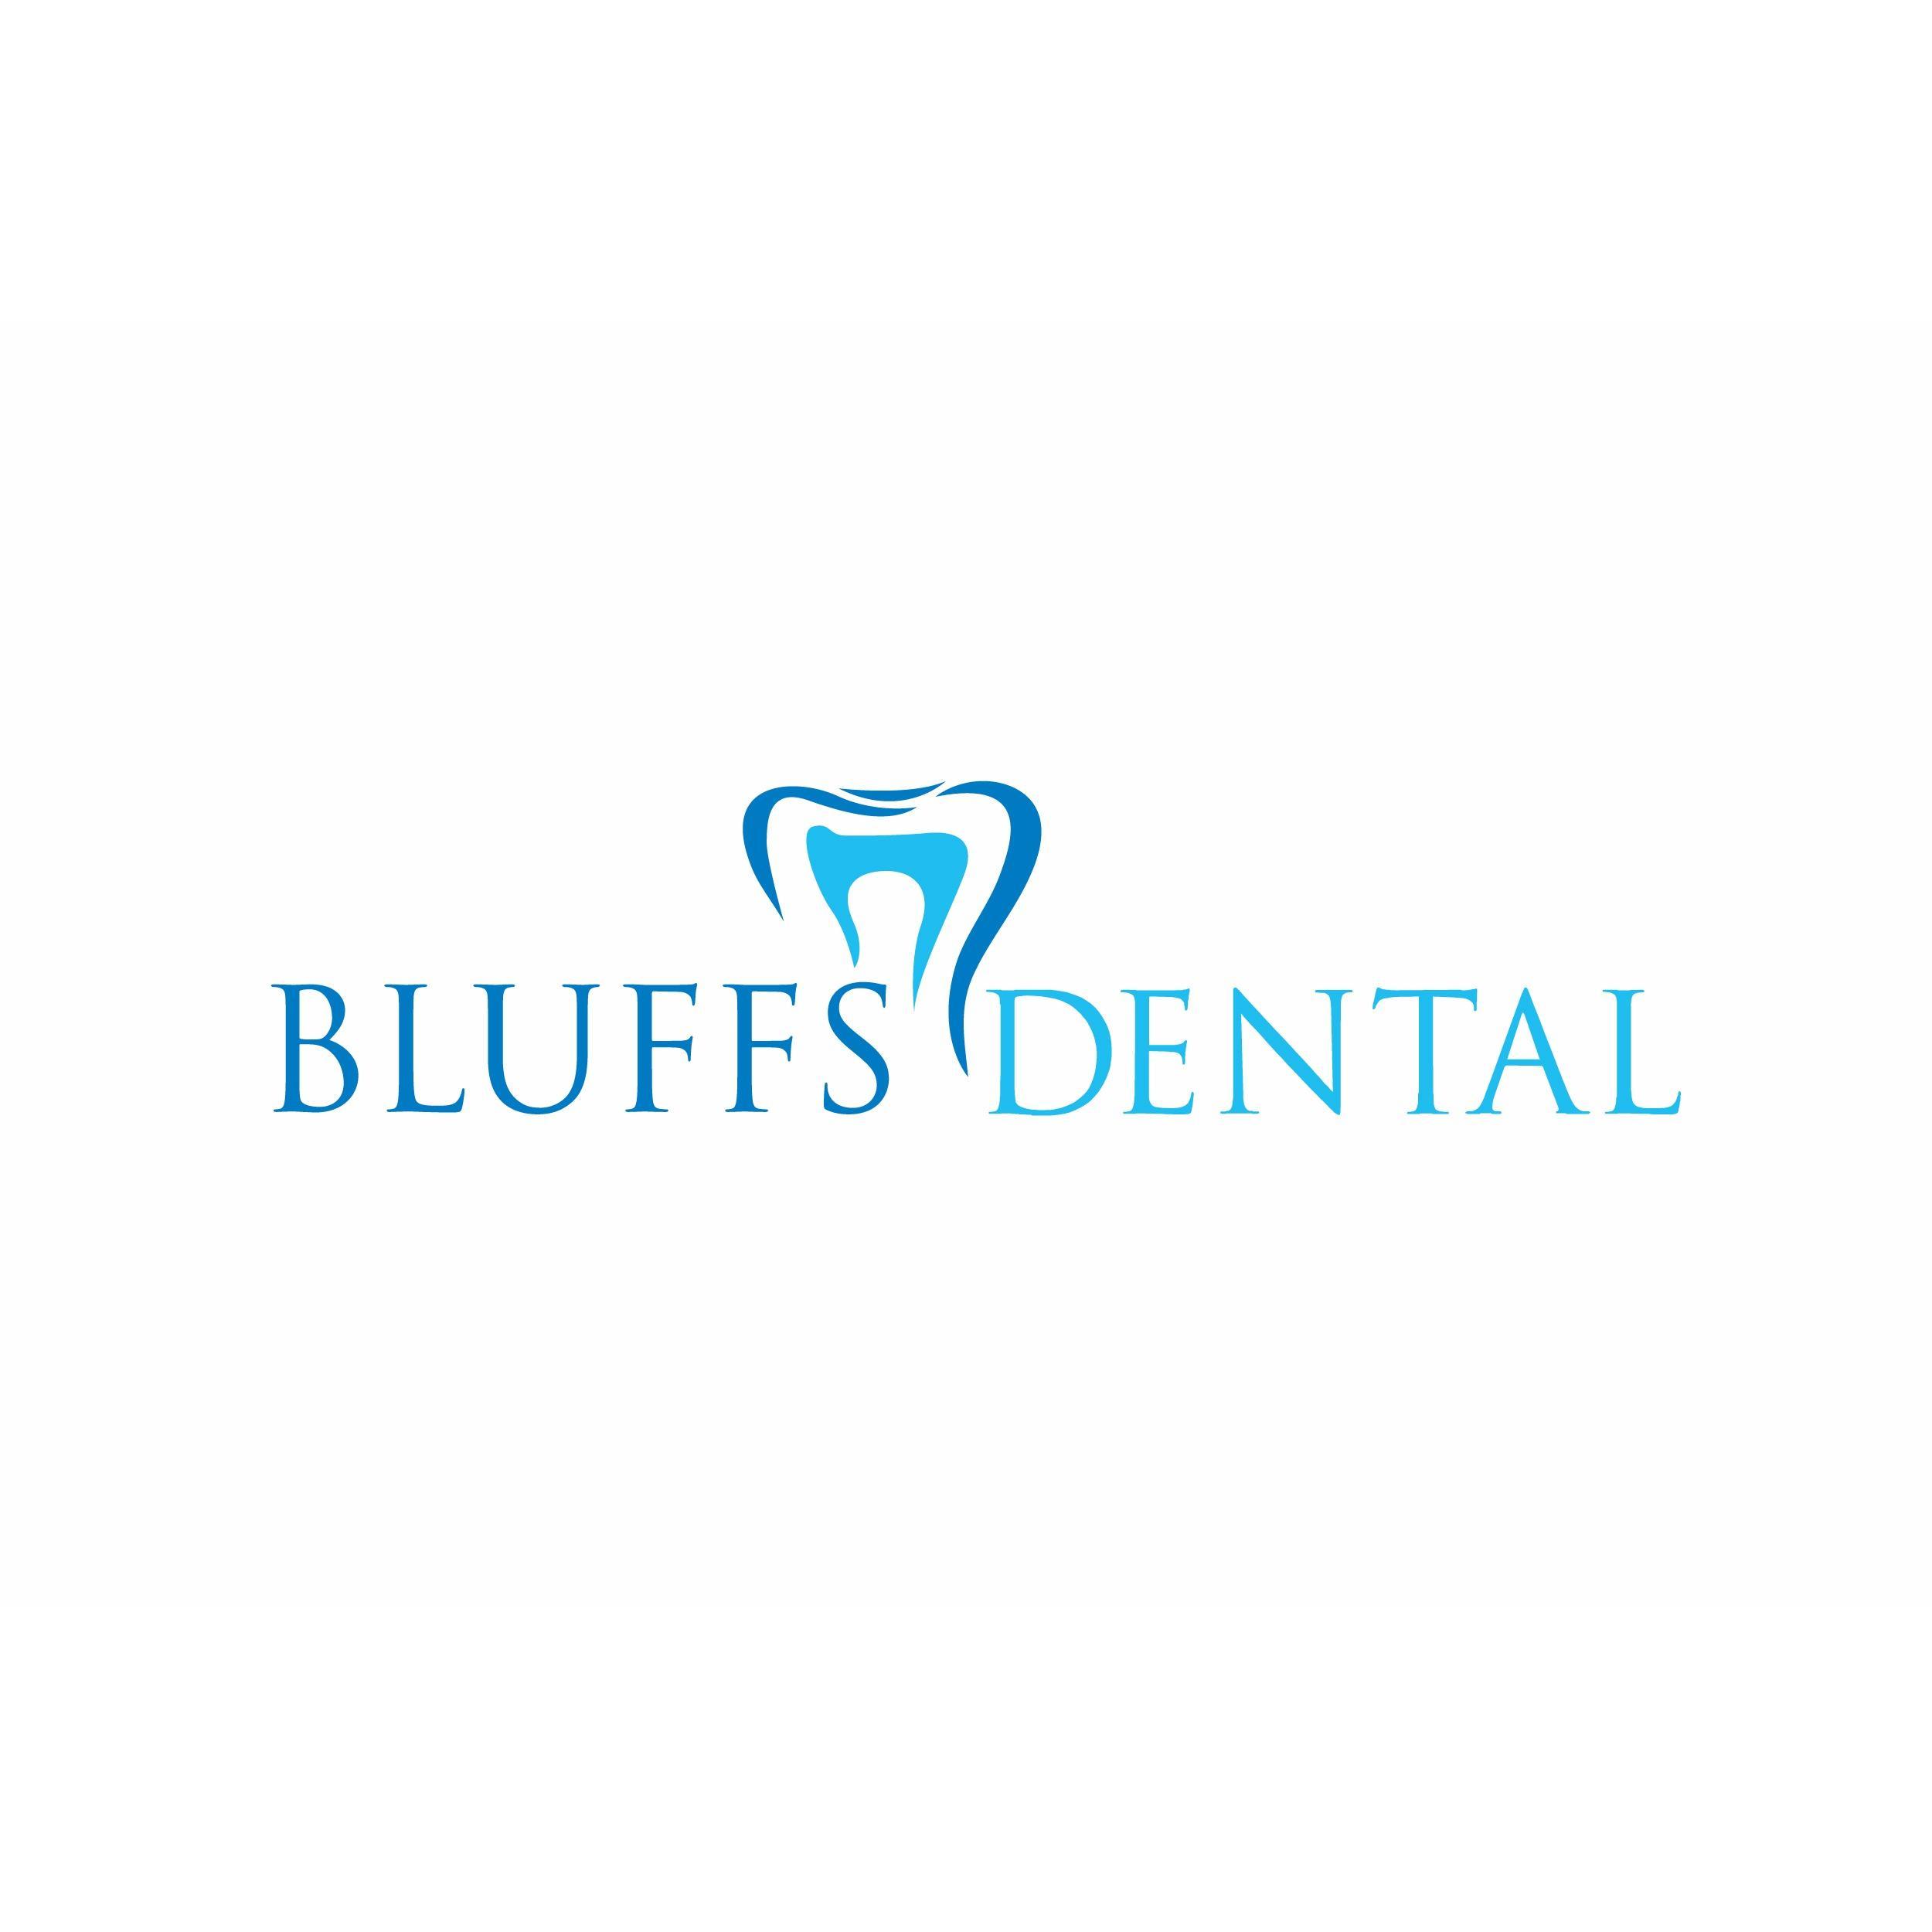 Bluffs Dental image 3